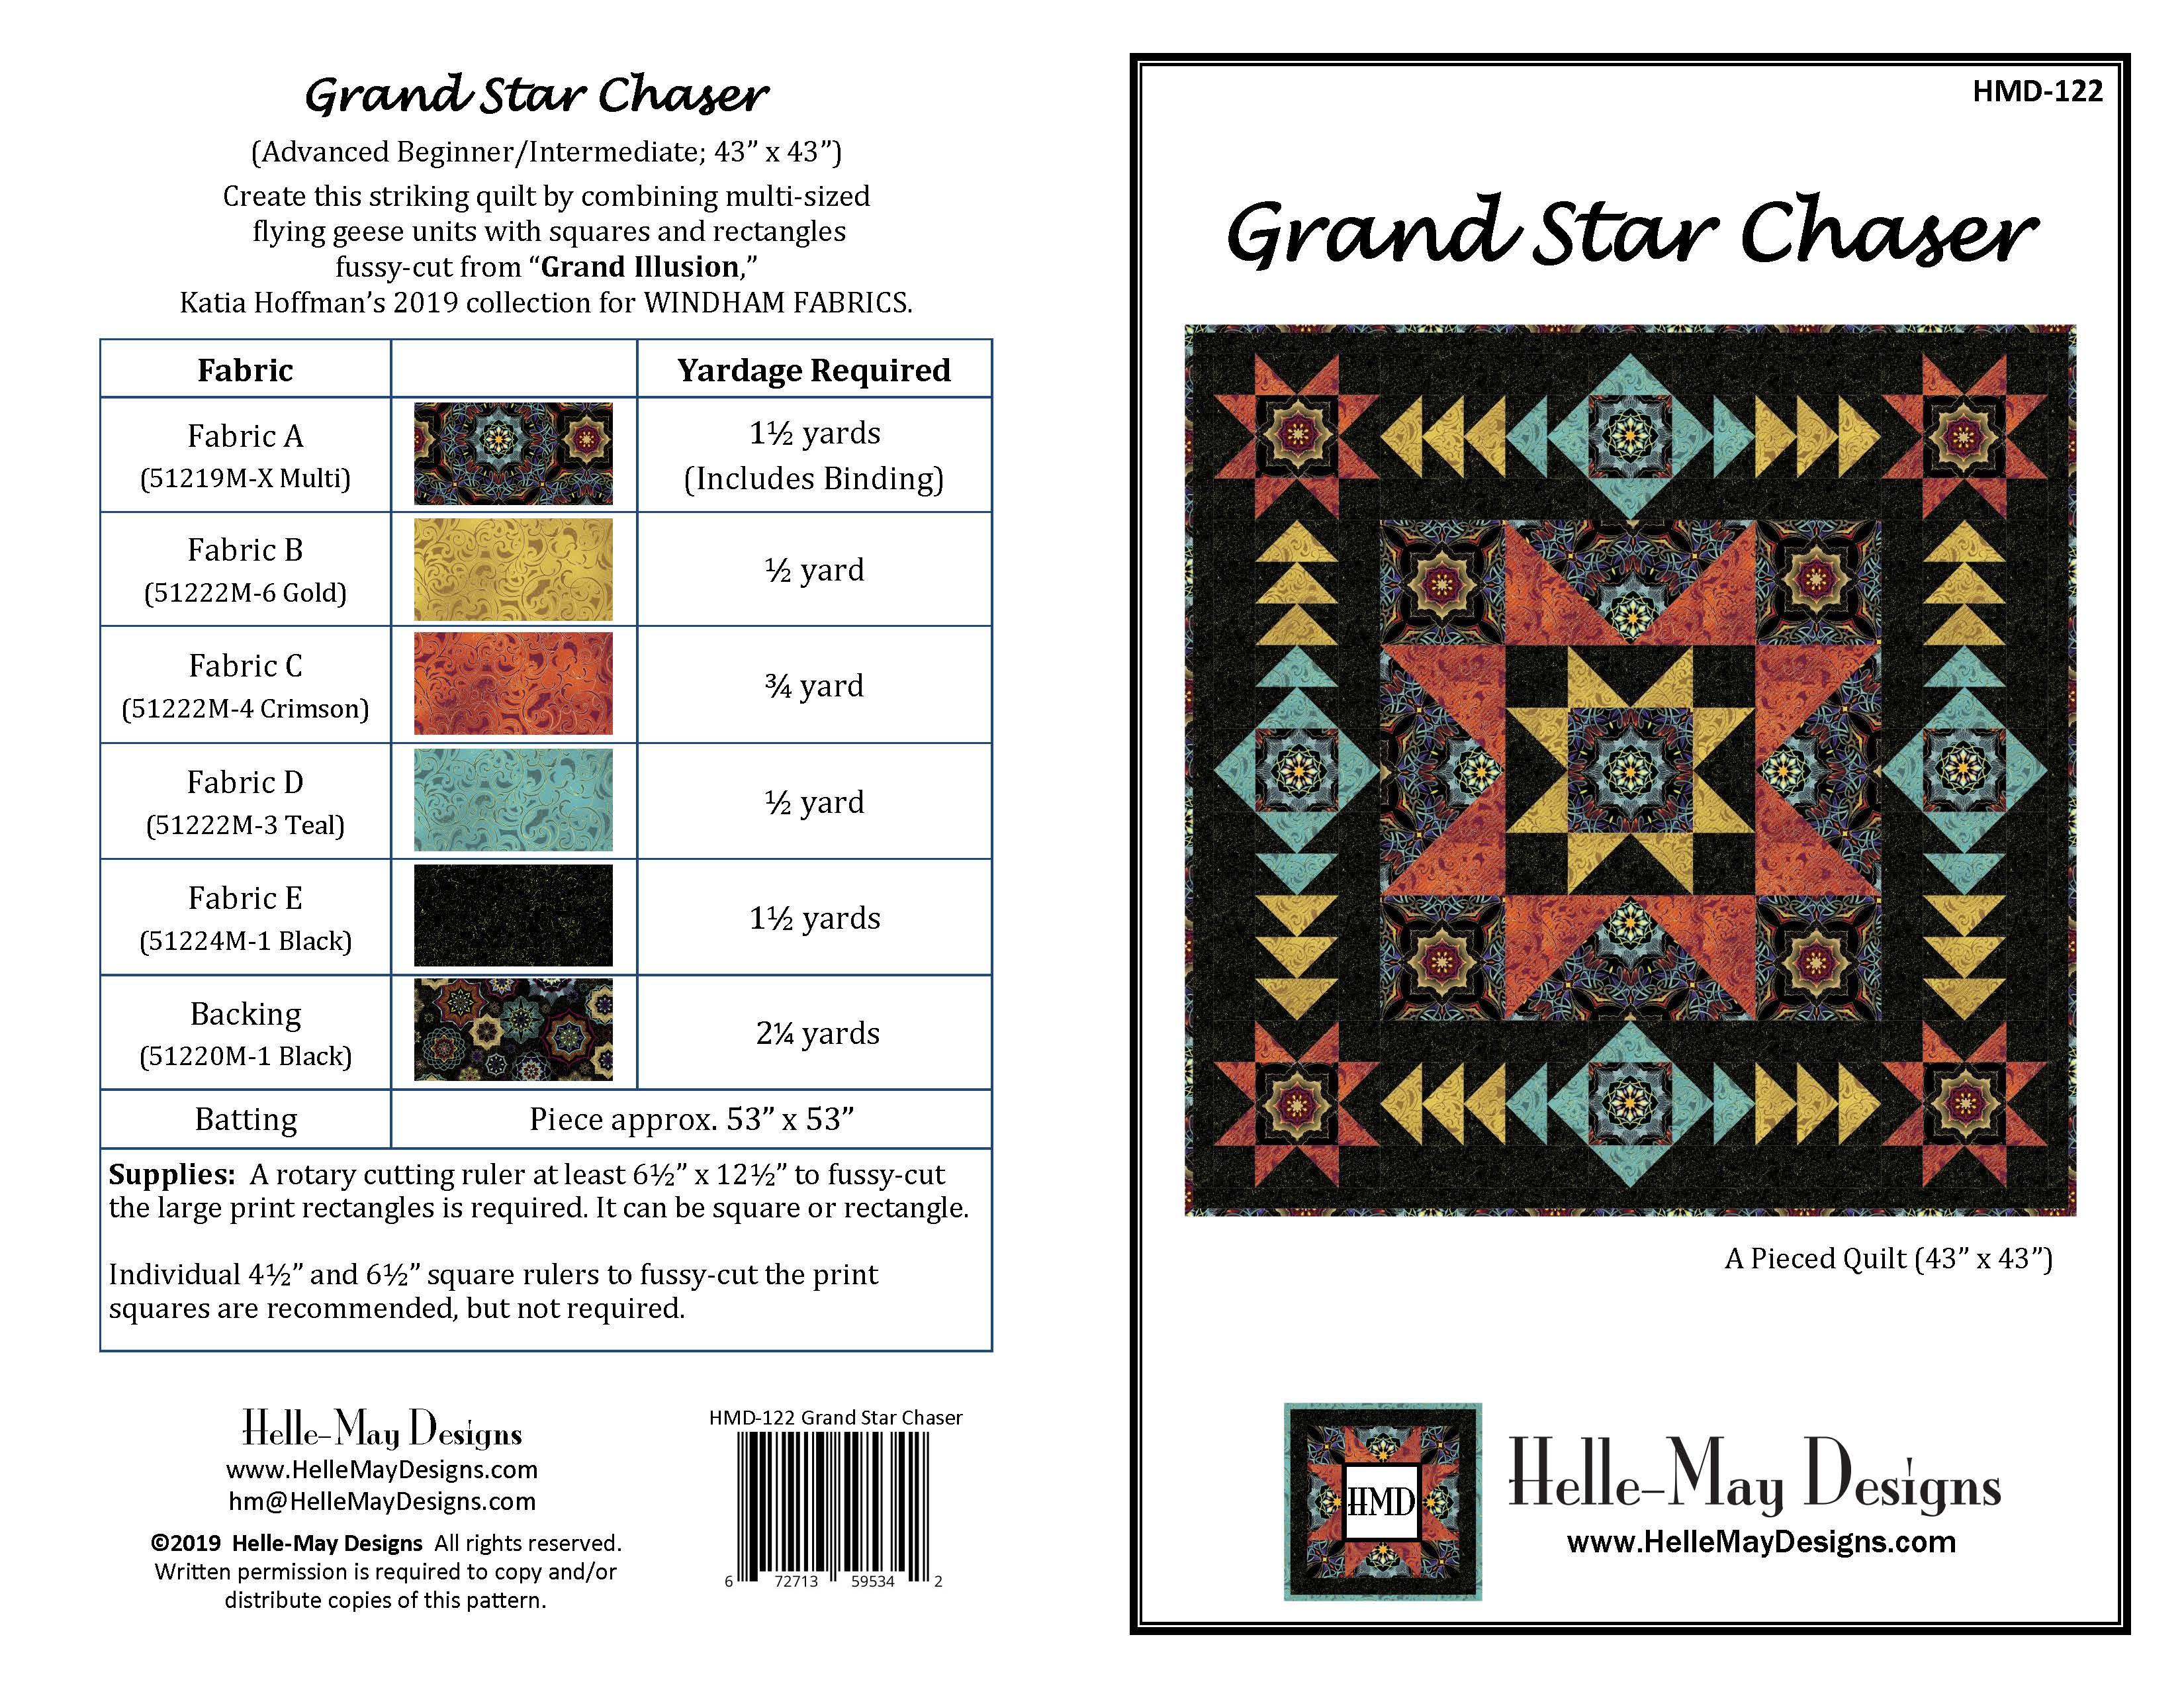 HMD-122 Grand Star Chaser